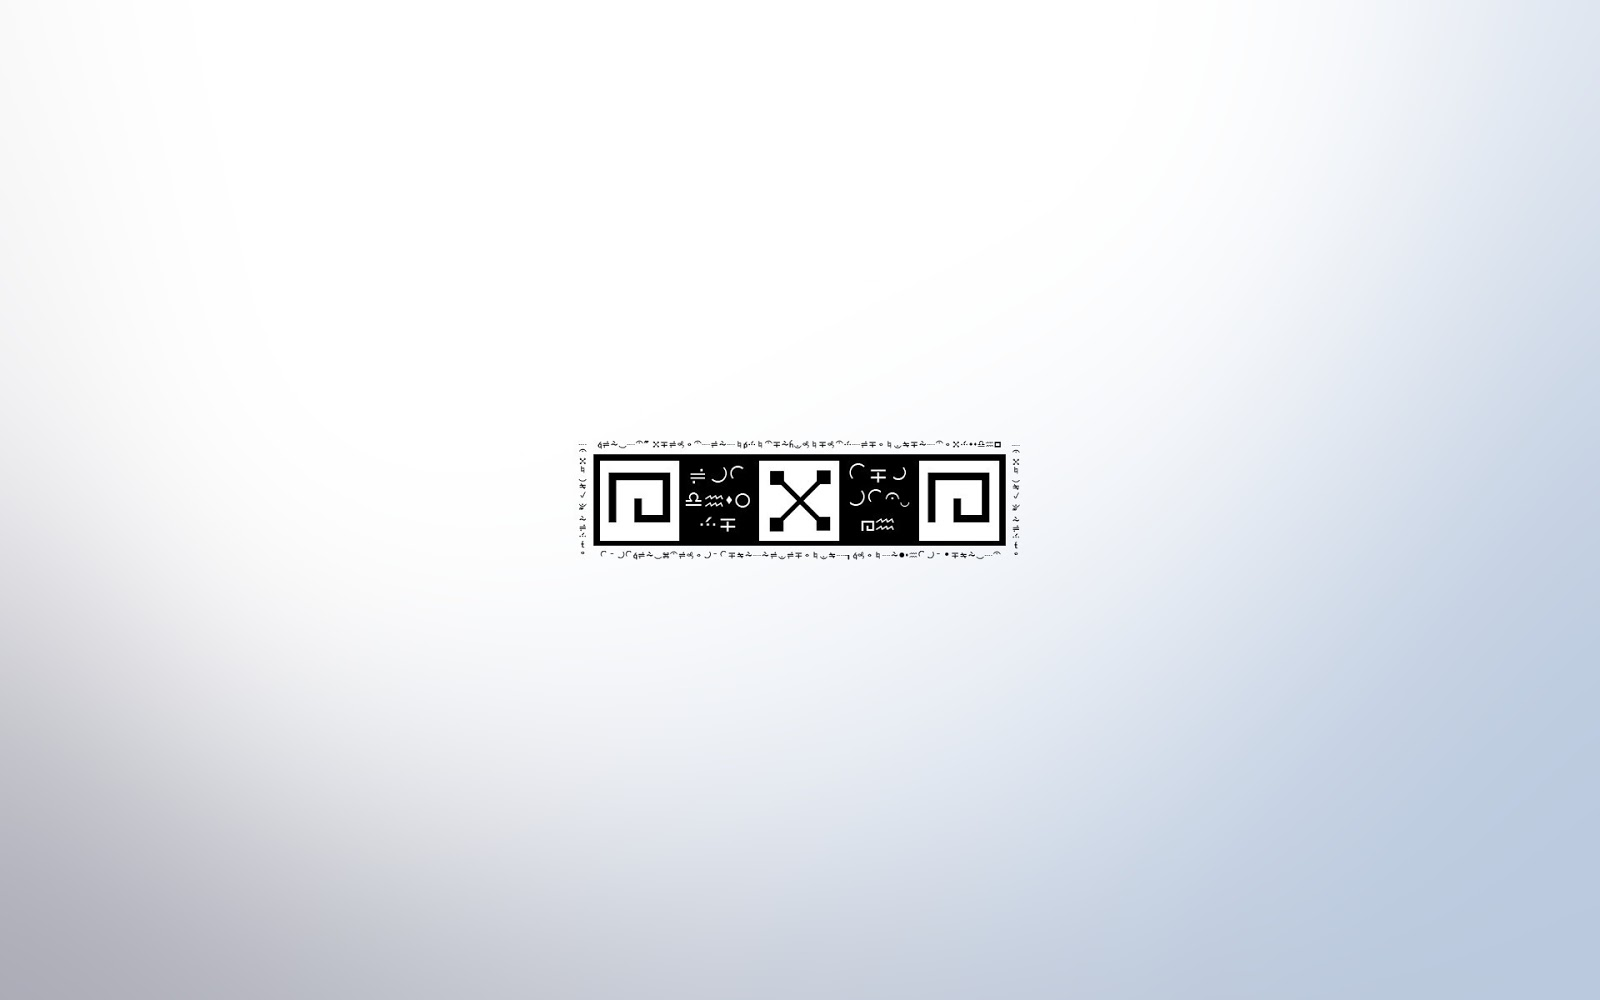 Hình nền đẹp cho máy tính mang phong cách đơn giản